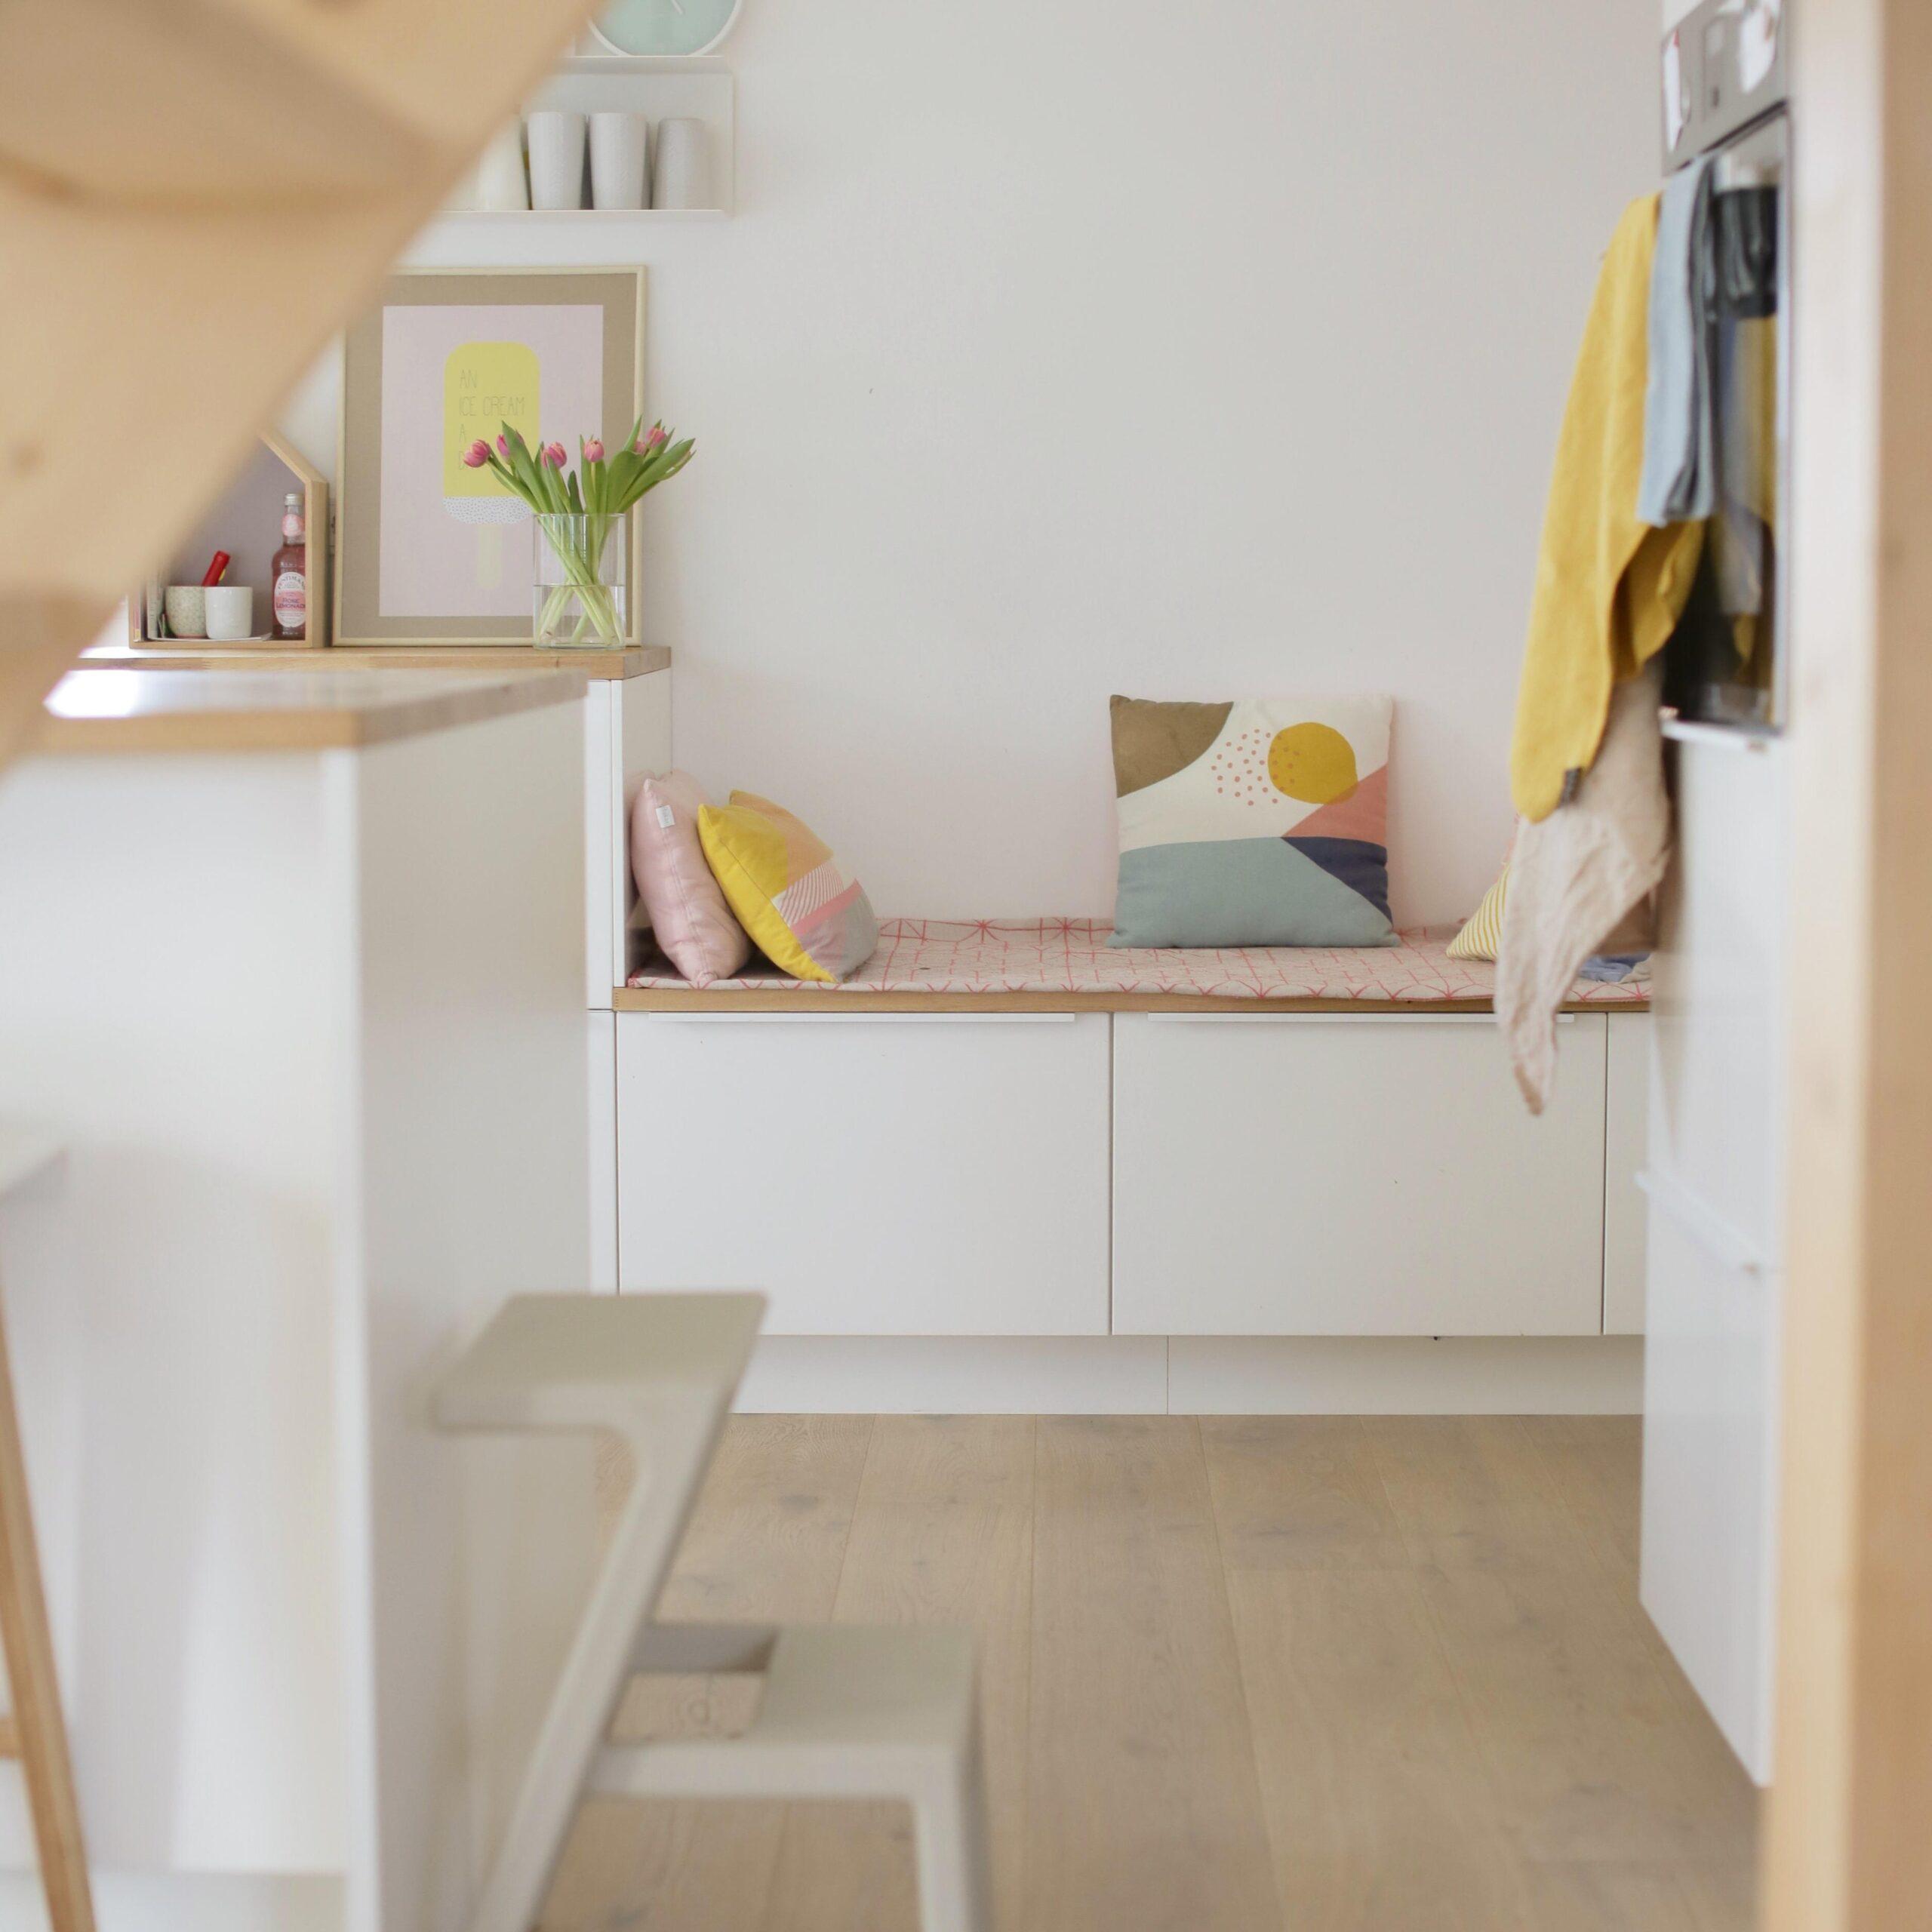 Full Size of Kchenbank Bilder Ideen Couch Küche Ikea Kosten Modulküche Kaufen Miniküche Betten Bei 160x200 Sofa Mit Schlaffunktion Wohnzimmer Ikea Küchenbank